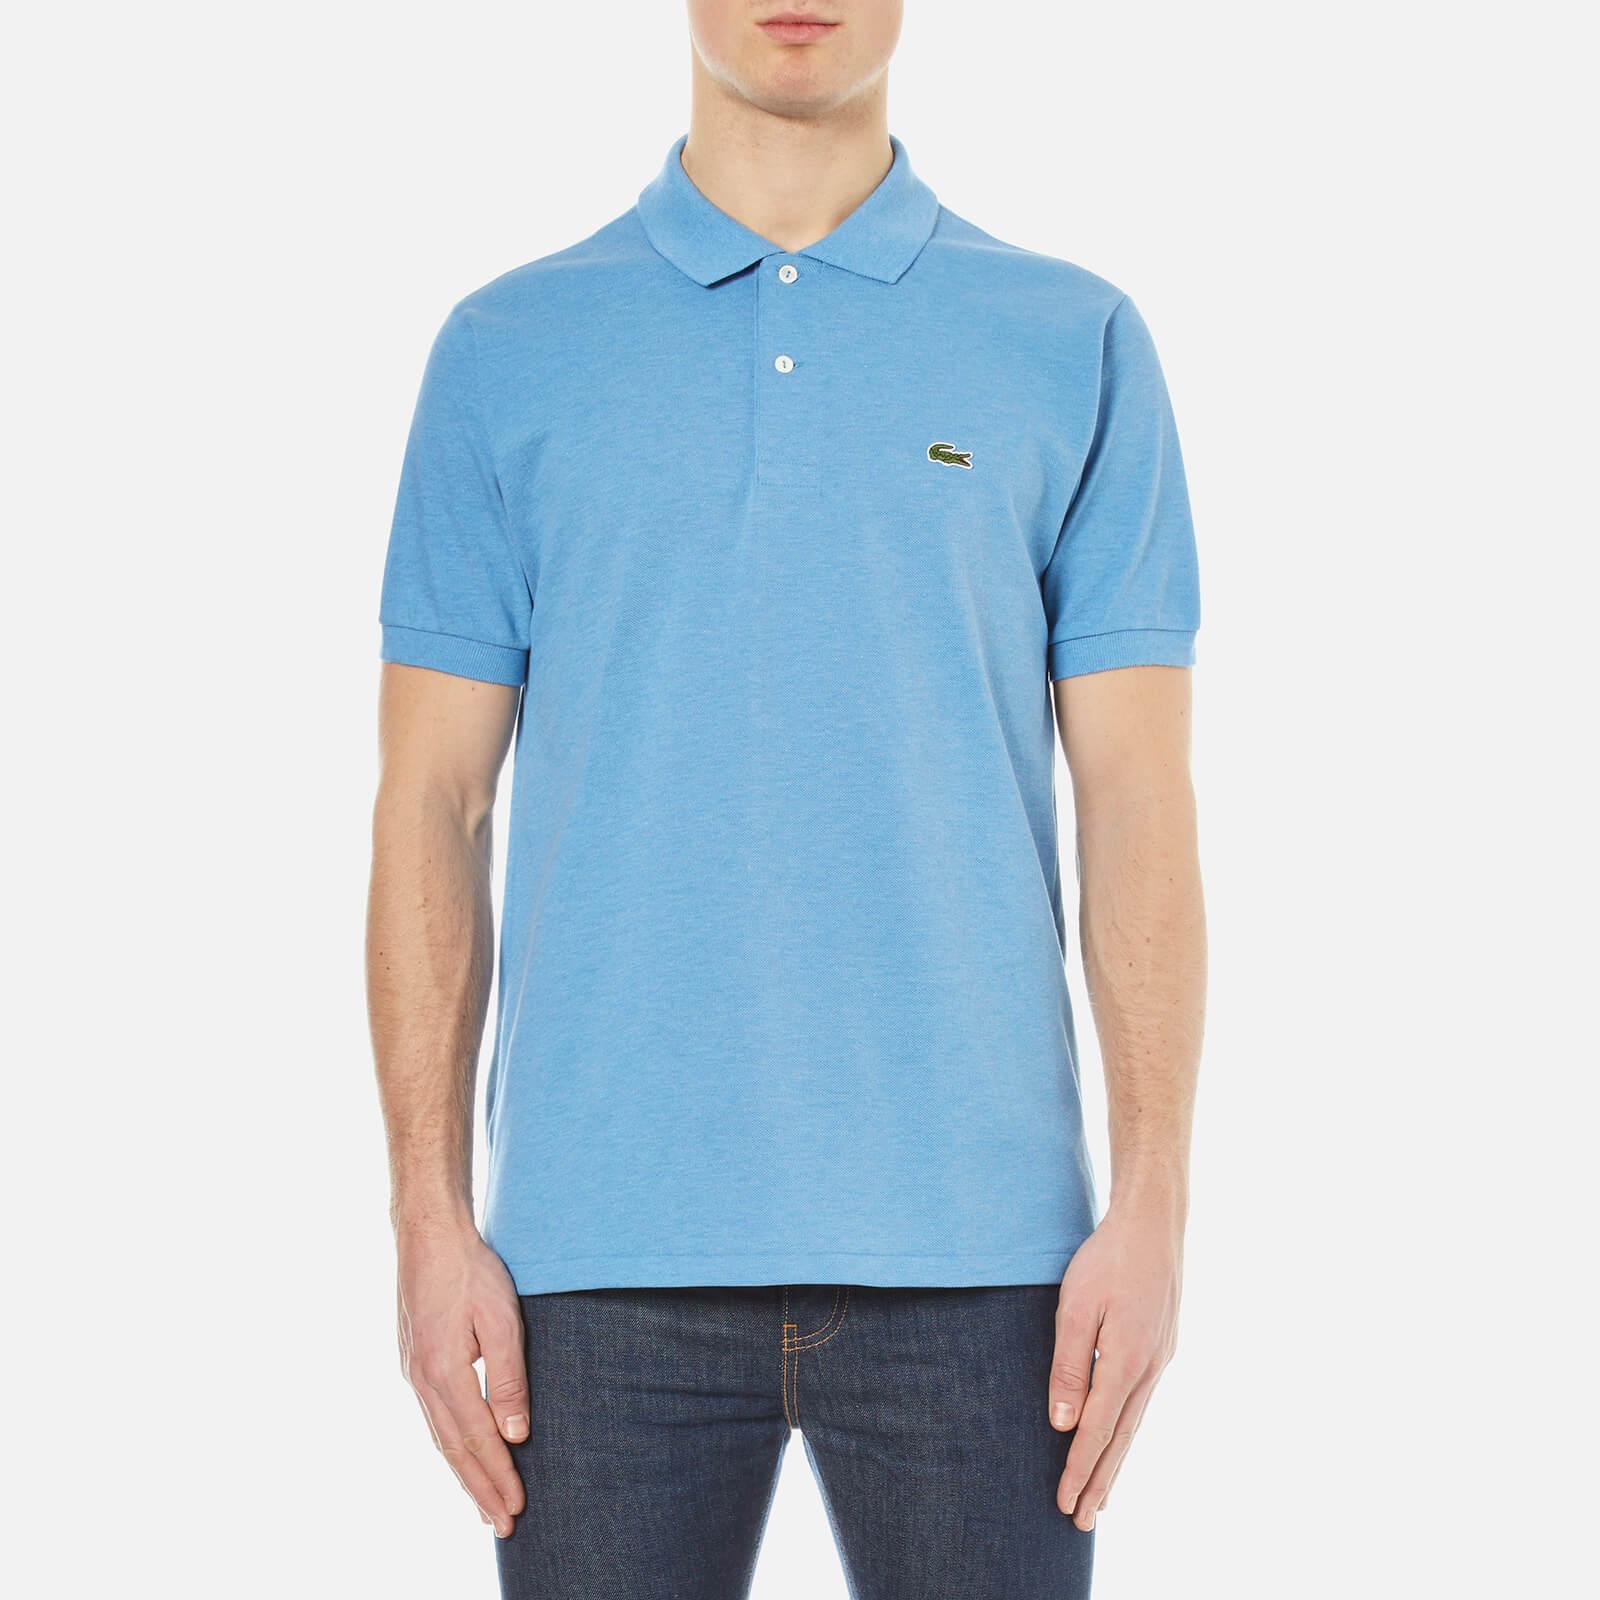 1e13a35a9 Lacoste Men s Short Sleeve Pique Polo Shirt - Horizon Blue Chine ...